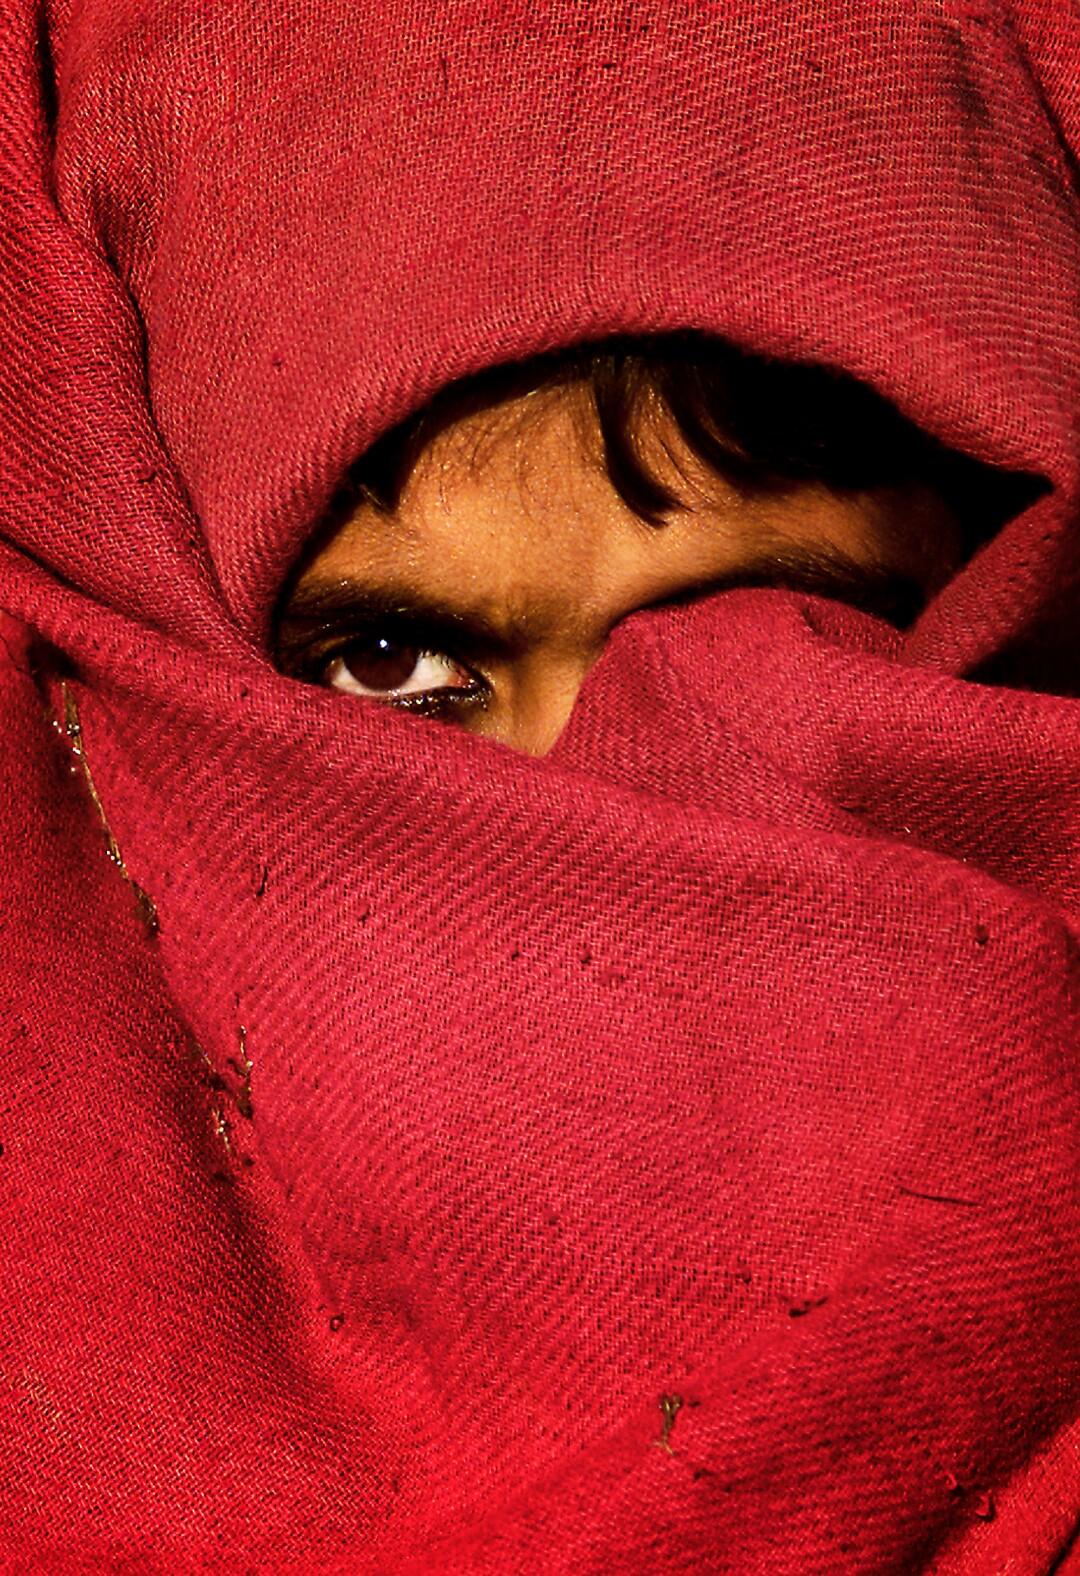 دختری با صورت پوشیده بیشتر با پارچه قرمز